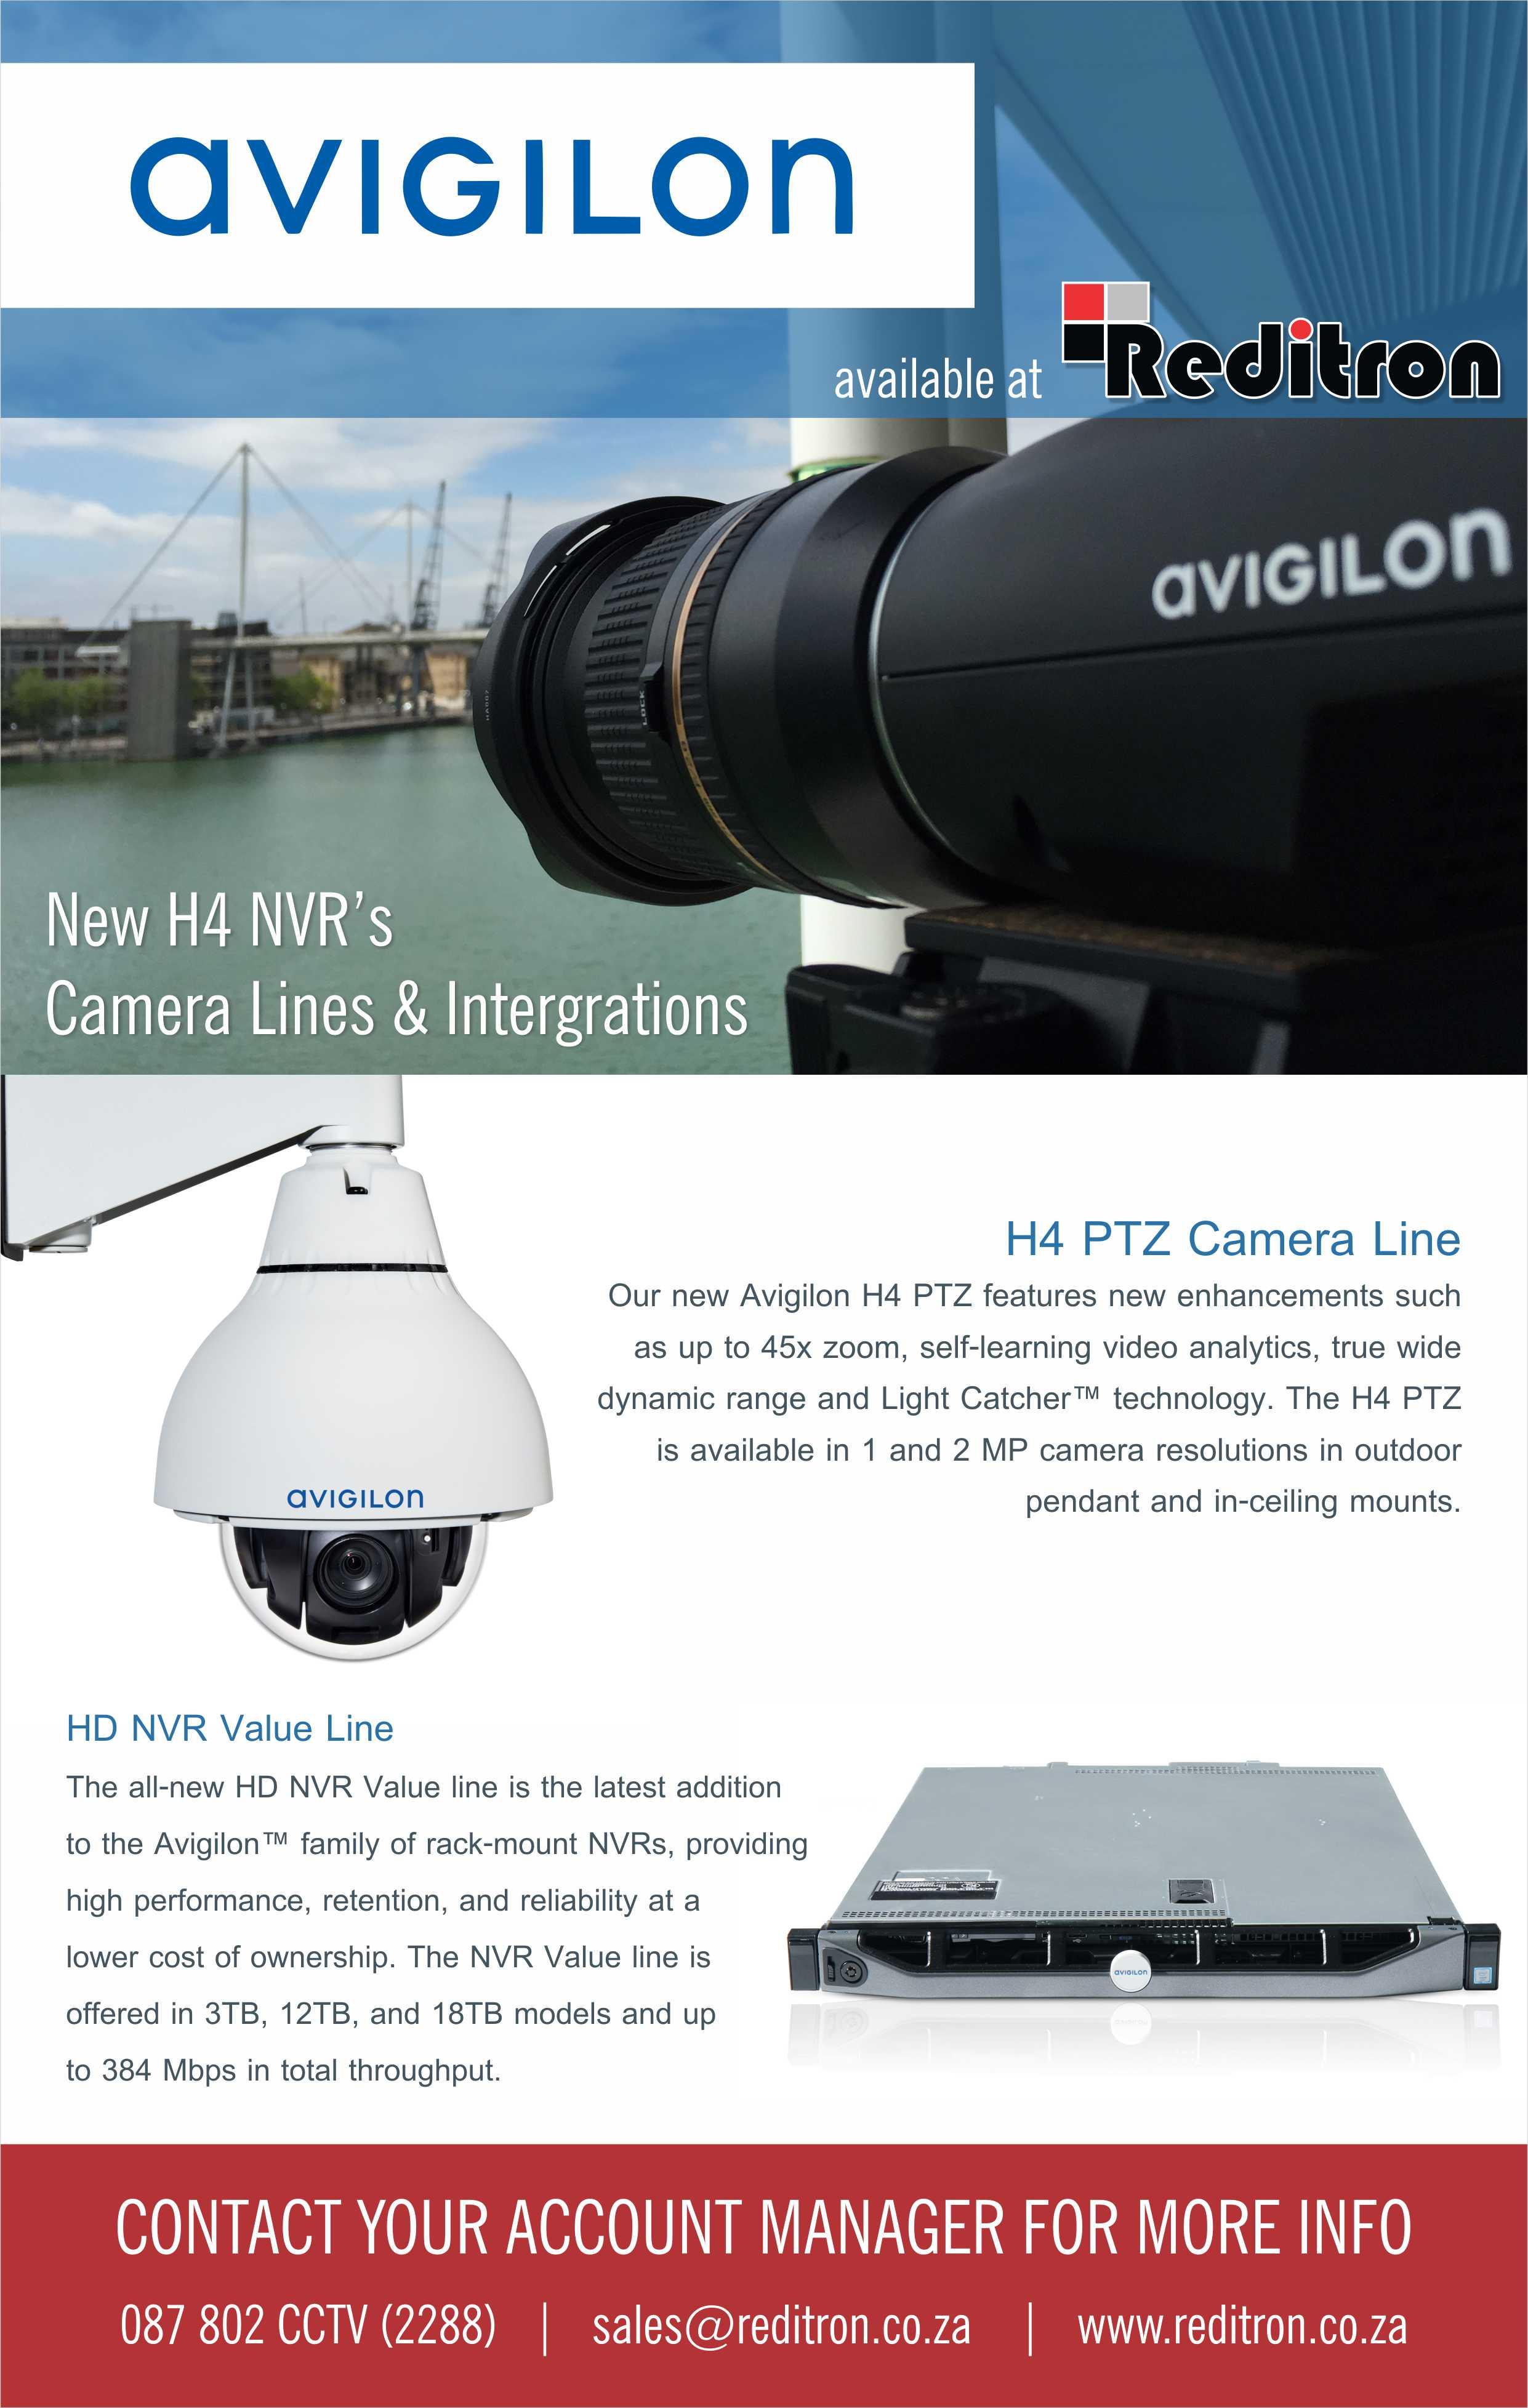 2016 Oct Avigilon H4 Reditron Emailer